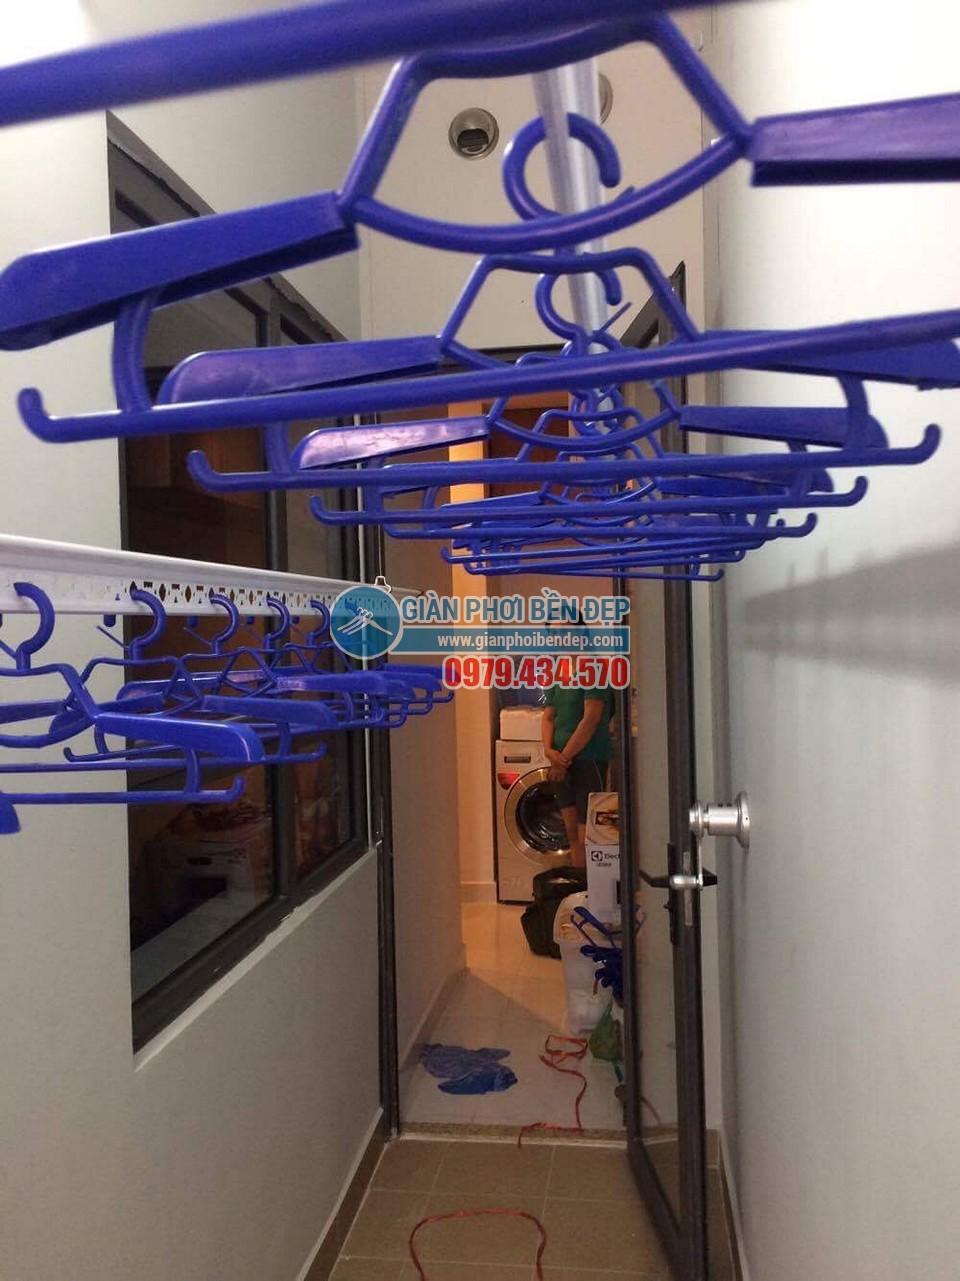 Lô gia thêm tiện ích nhờ lắp đặt giàn phơi thông minh nhà cô Hoa - 06